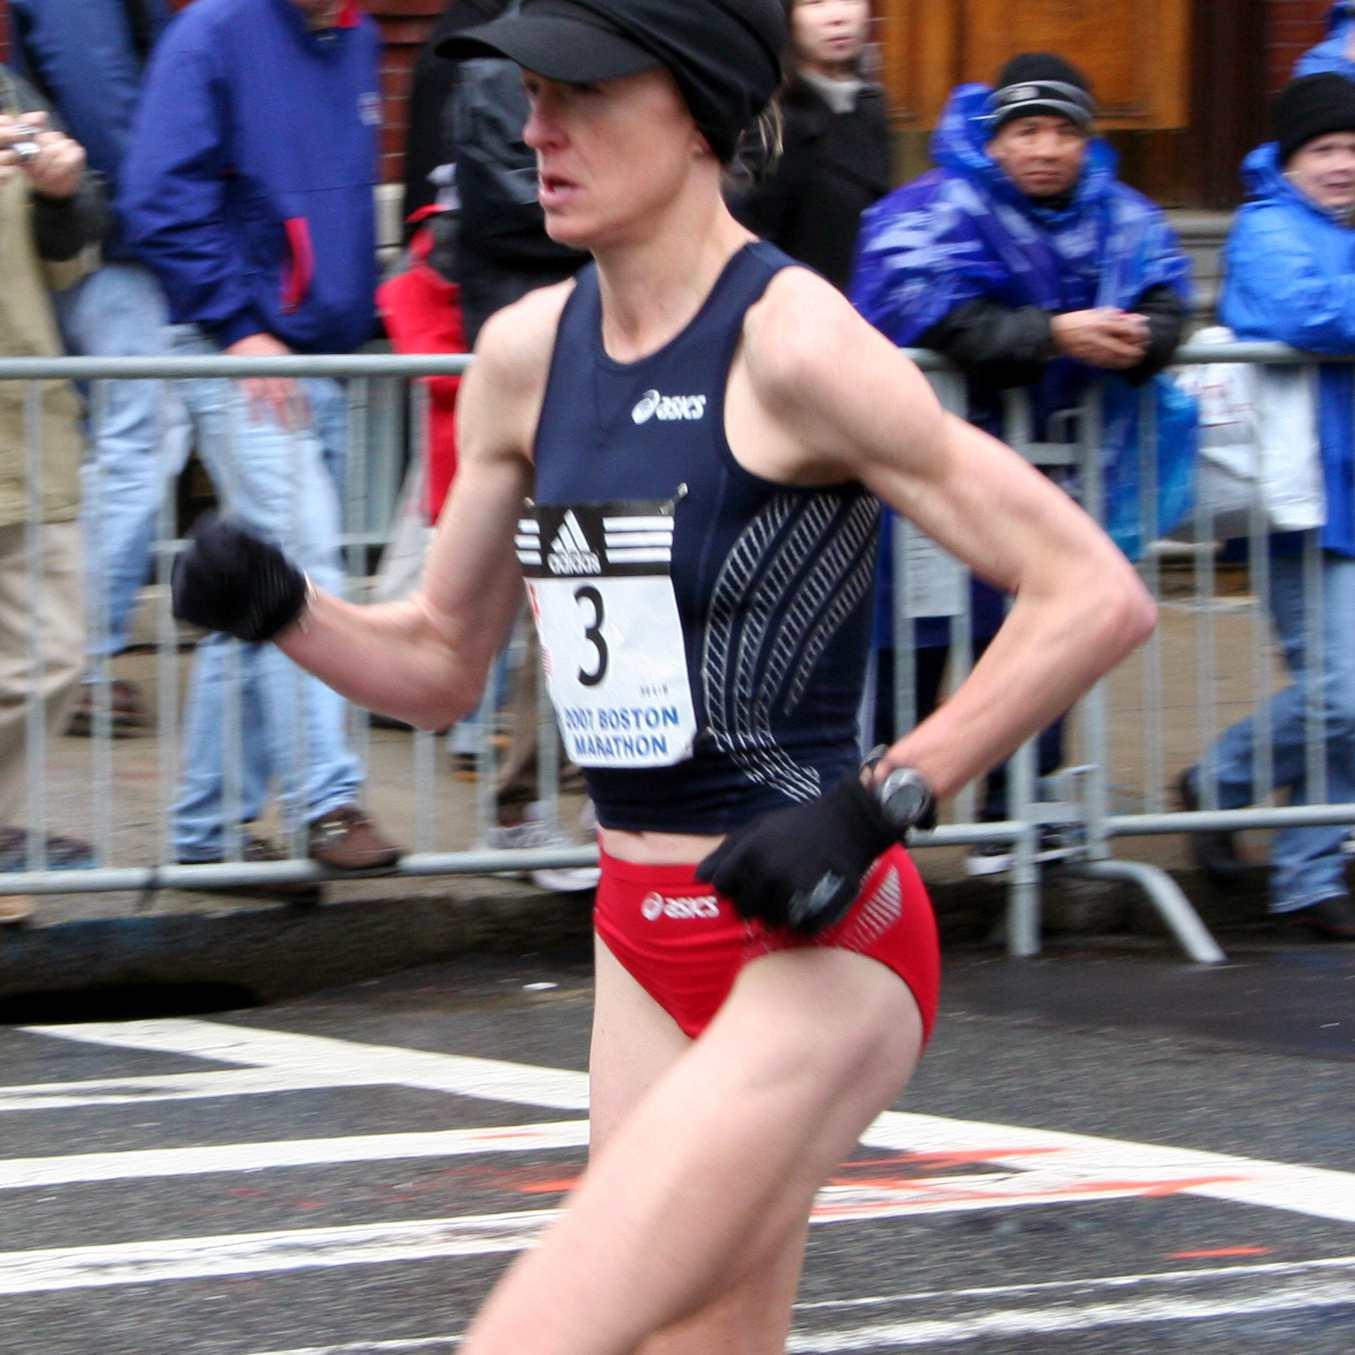 Deena Kastor en el maratón de Boston 2007